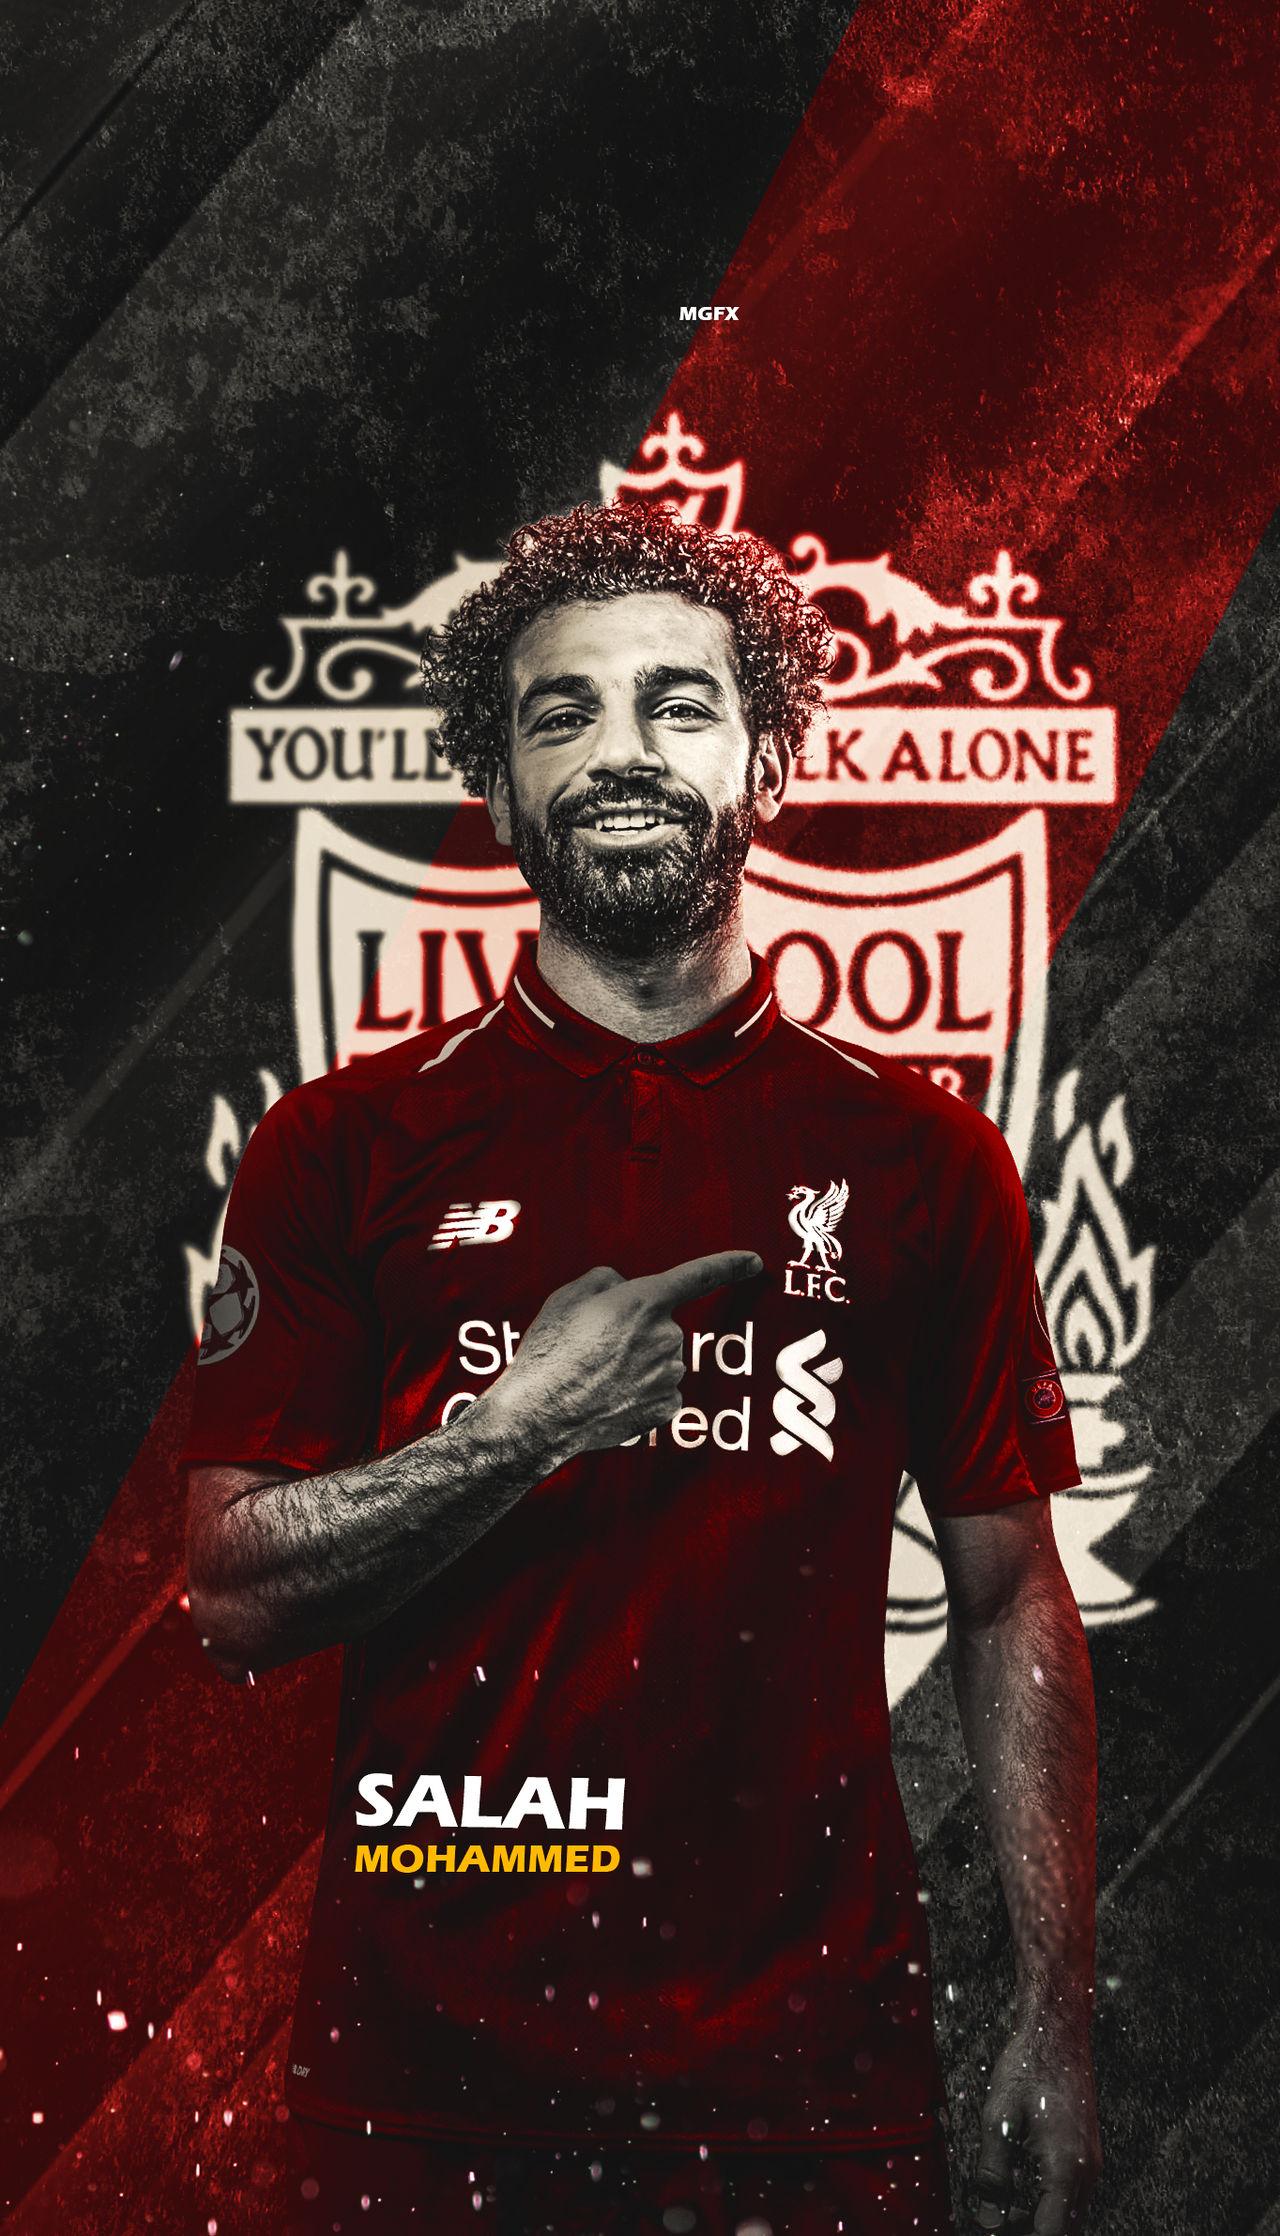 Mohamed Salah Wallpaper Lockscreen By Mohamedgfx10 On Deviantart